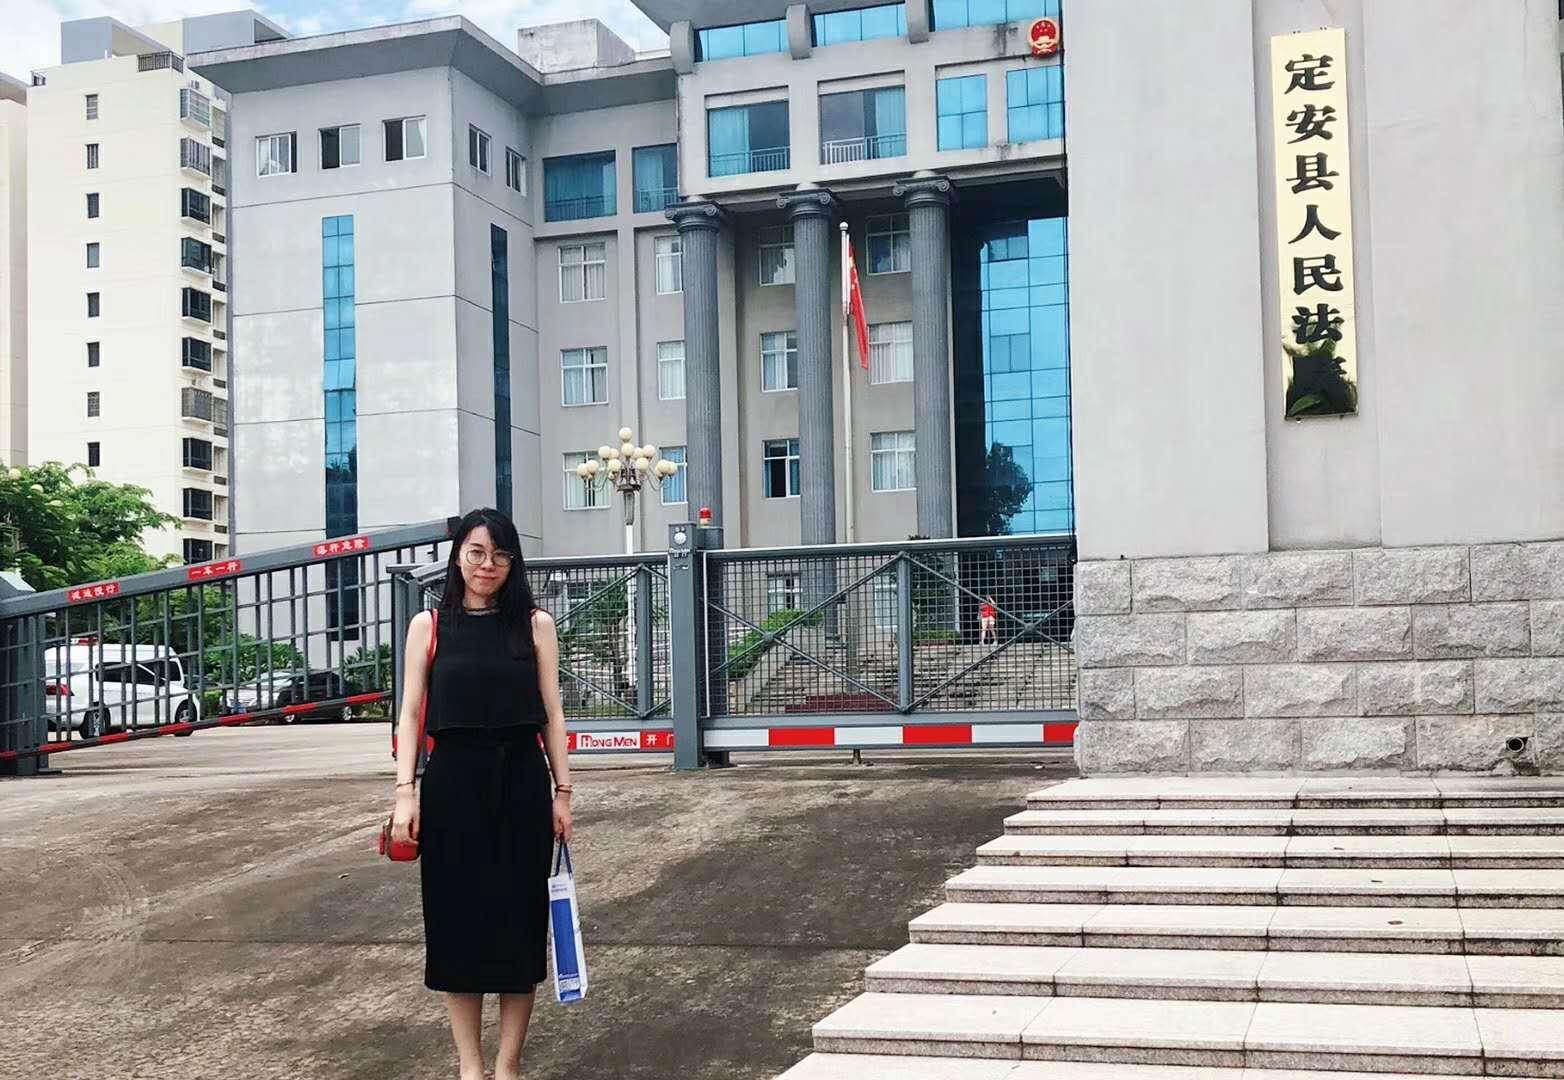 前往定安县人民法院某离婚纠纷案参加开庭